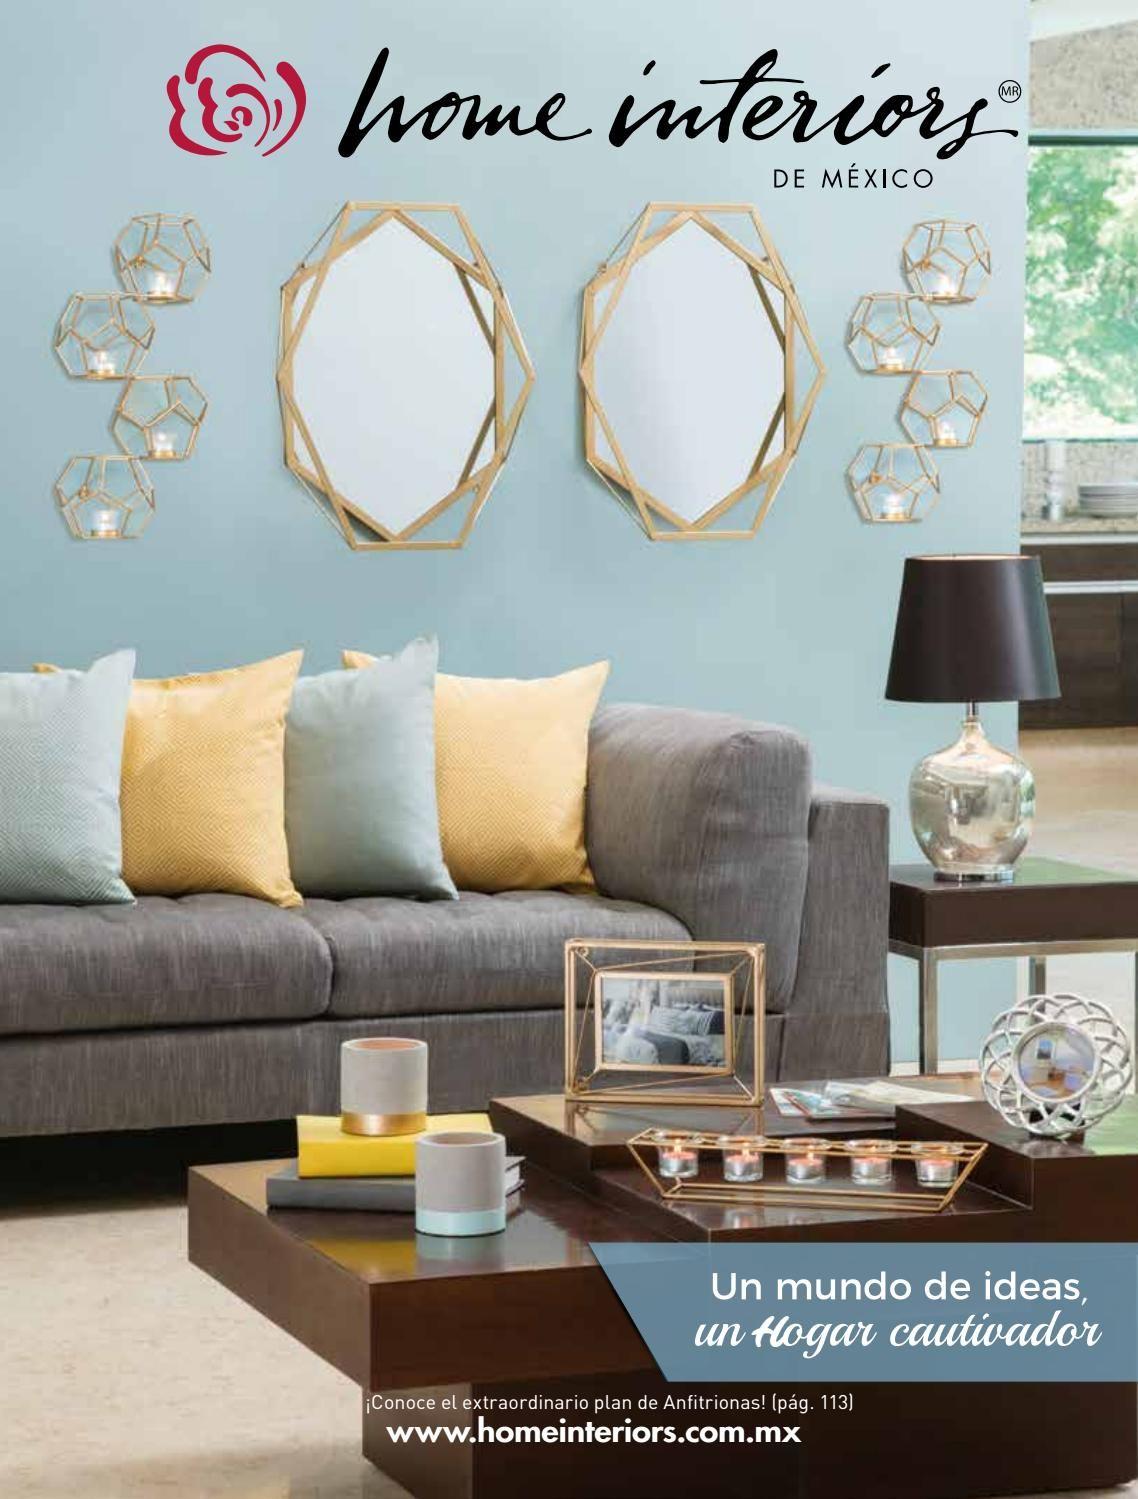 Home Interiors Catálogo De Decoración Septiembre 2017 By Miriam Villanueva Issuu